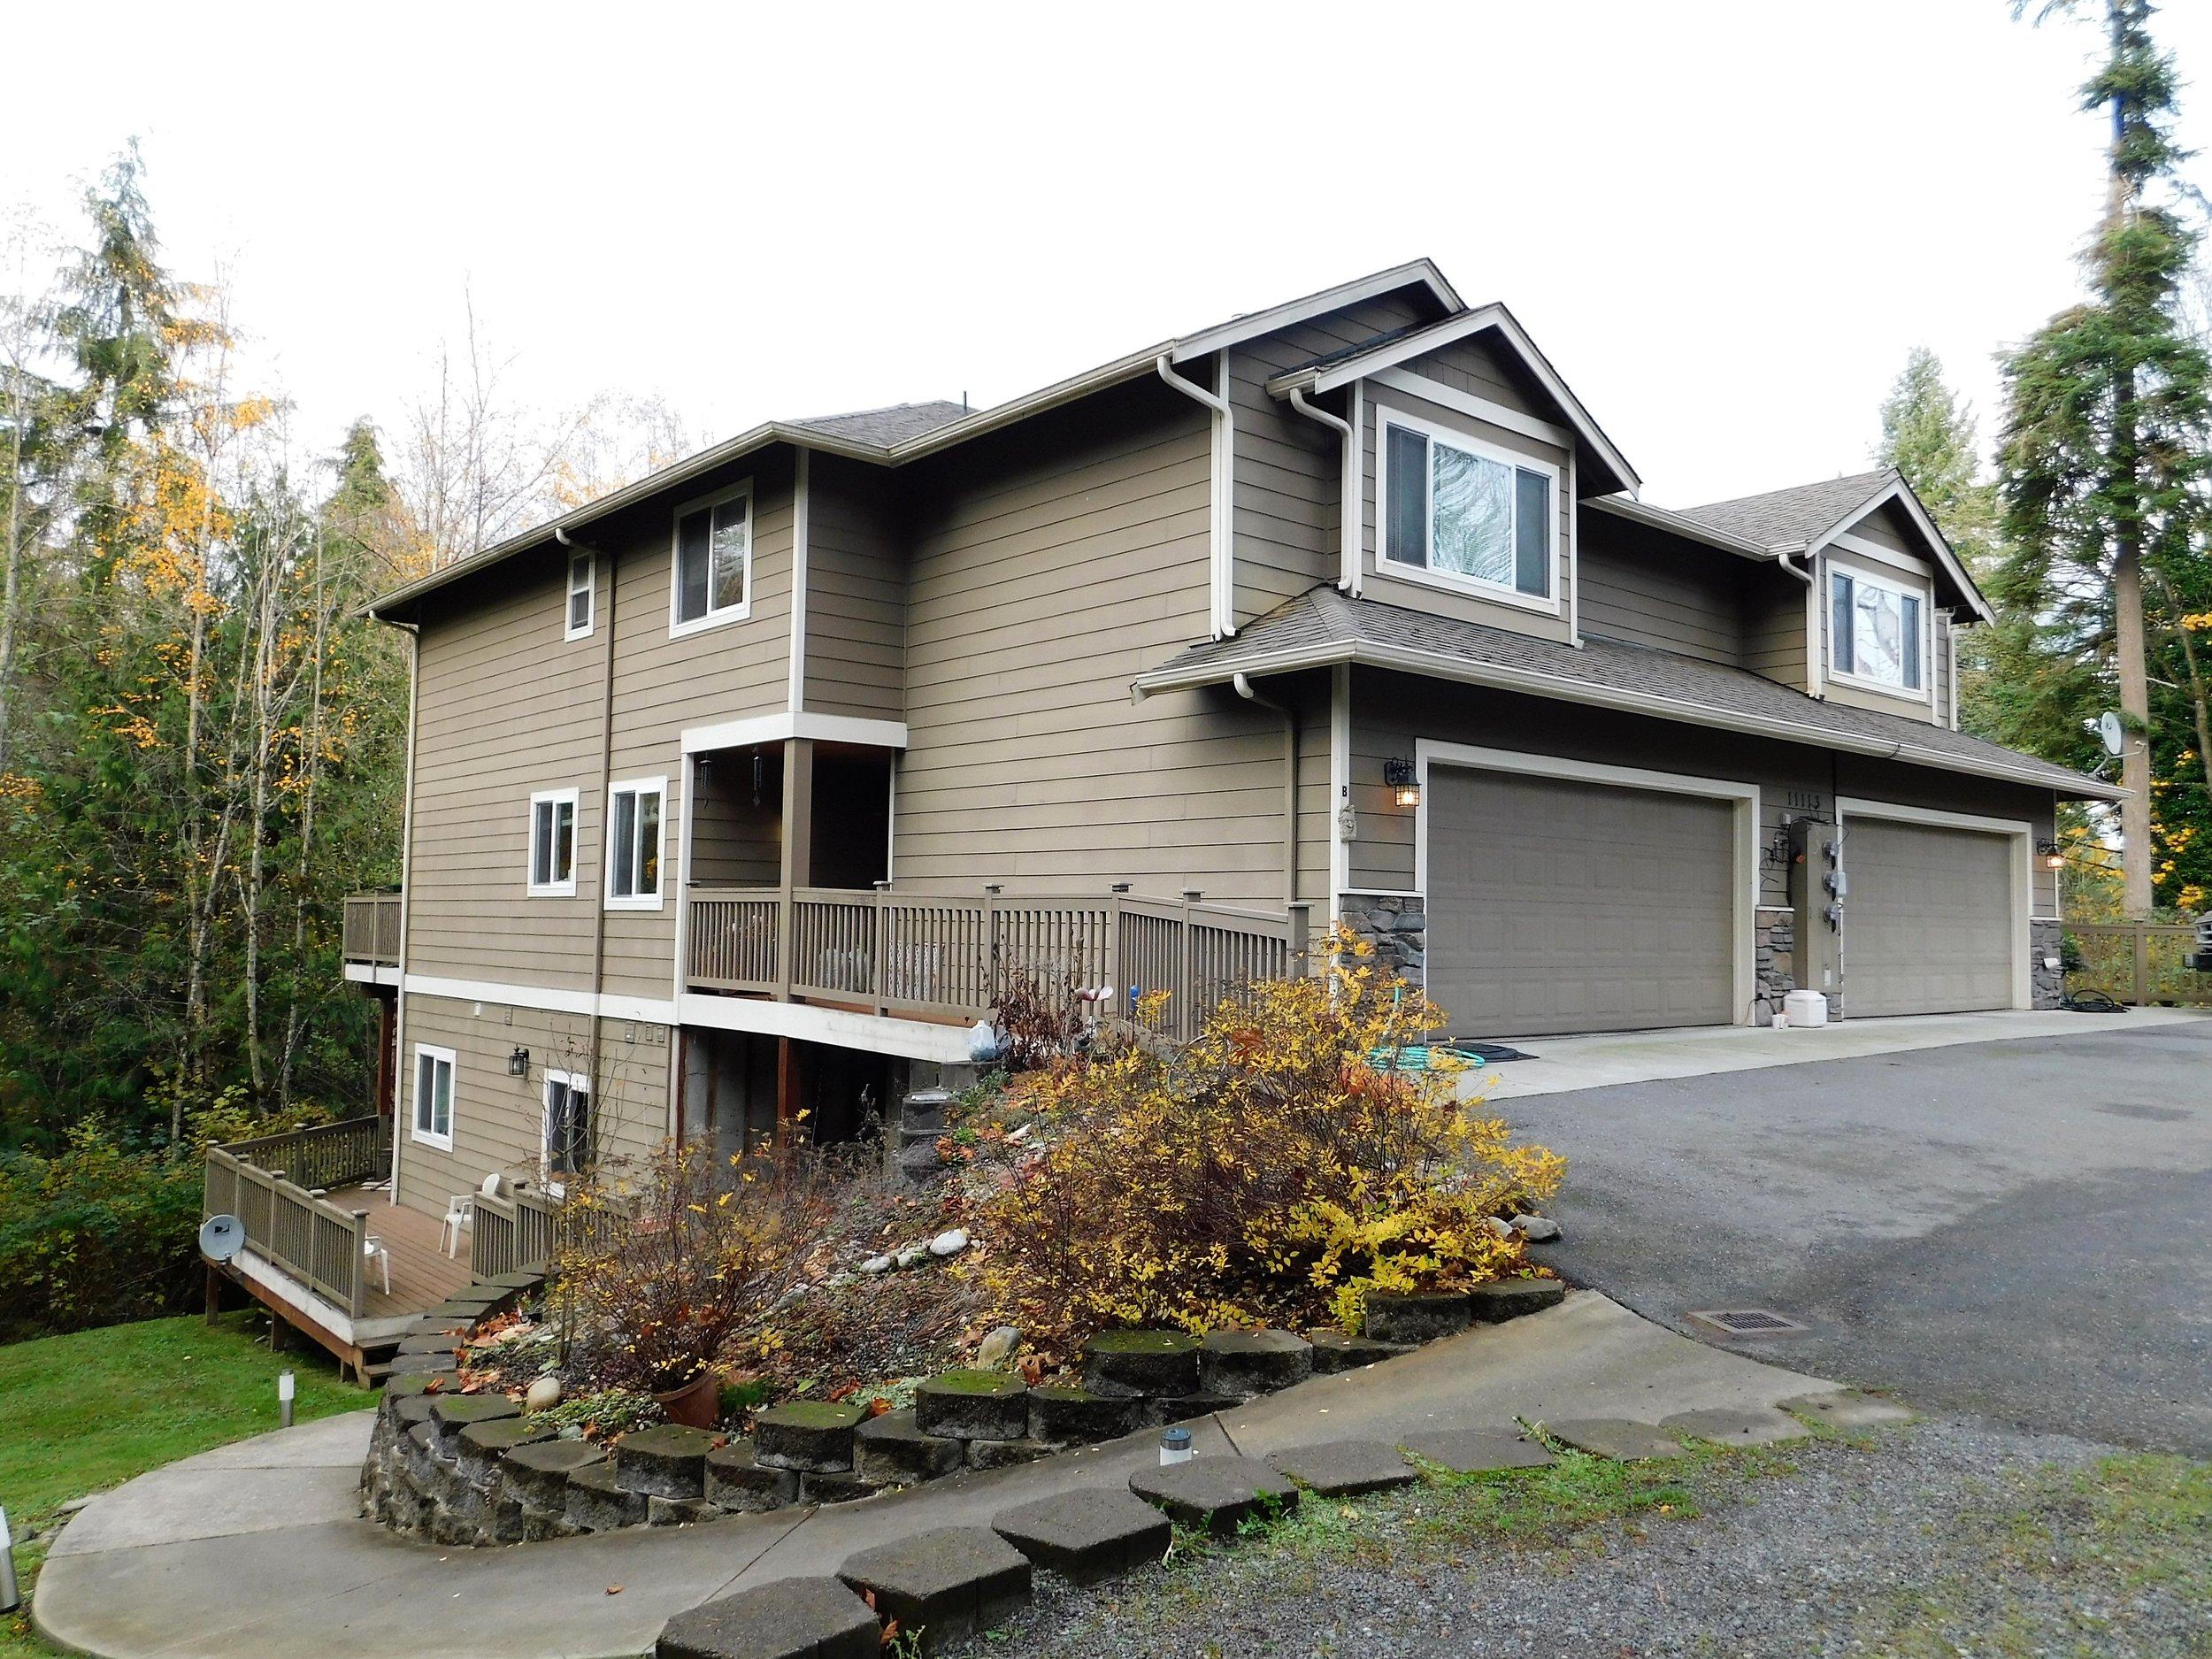 Triplex For Sale - 11113 S Lake Stevens Rd,Lake Stevens, WA 98258